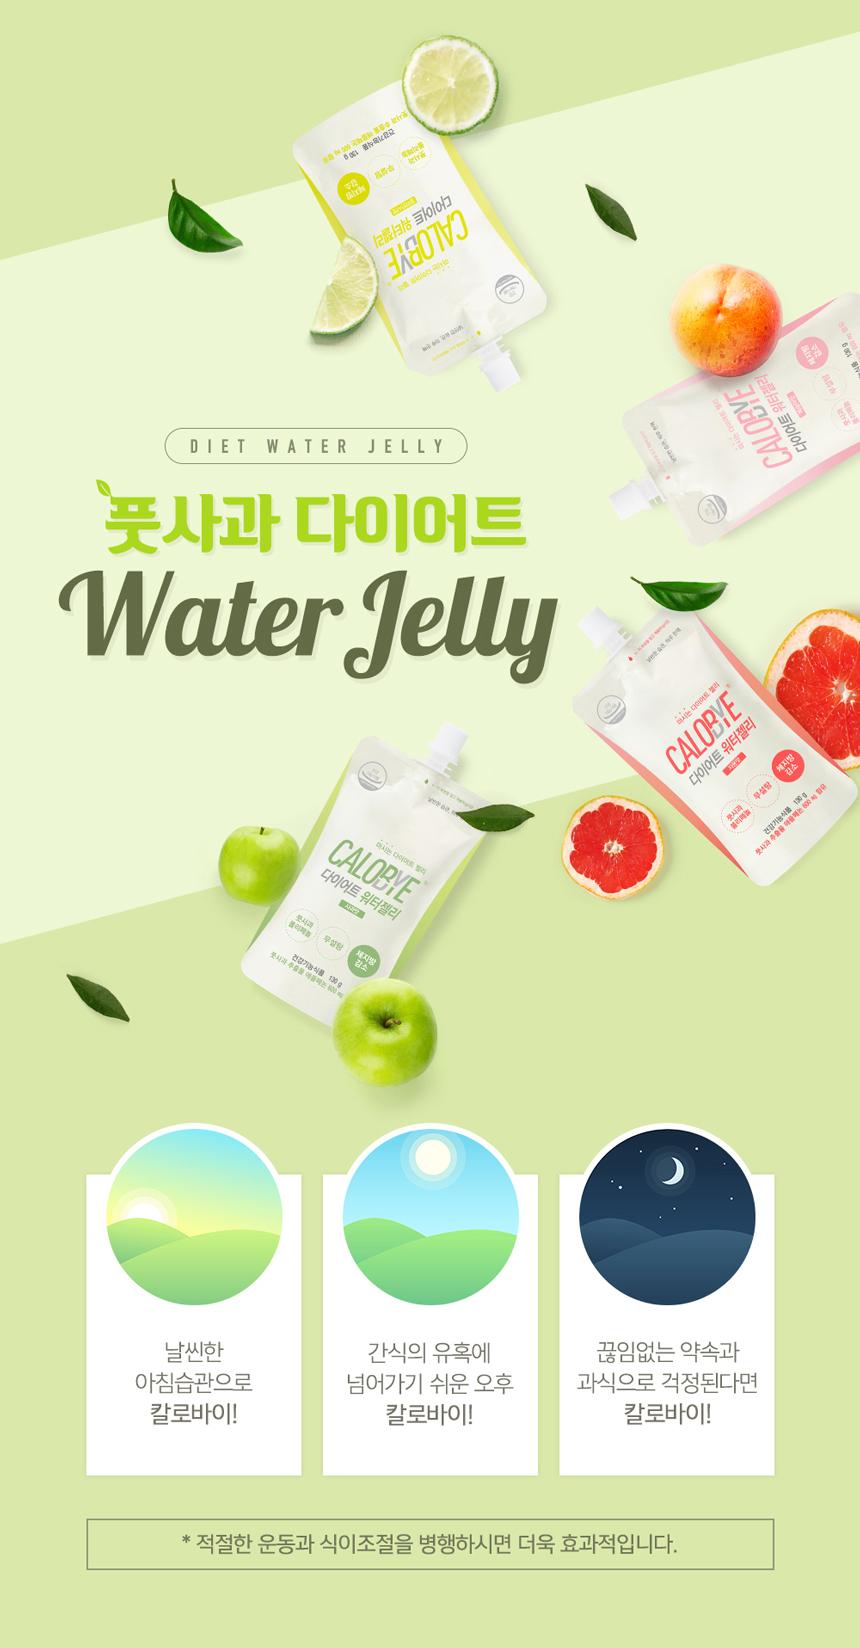 diet water jelly kim jong kook